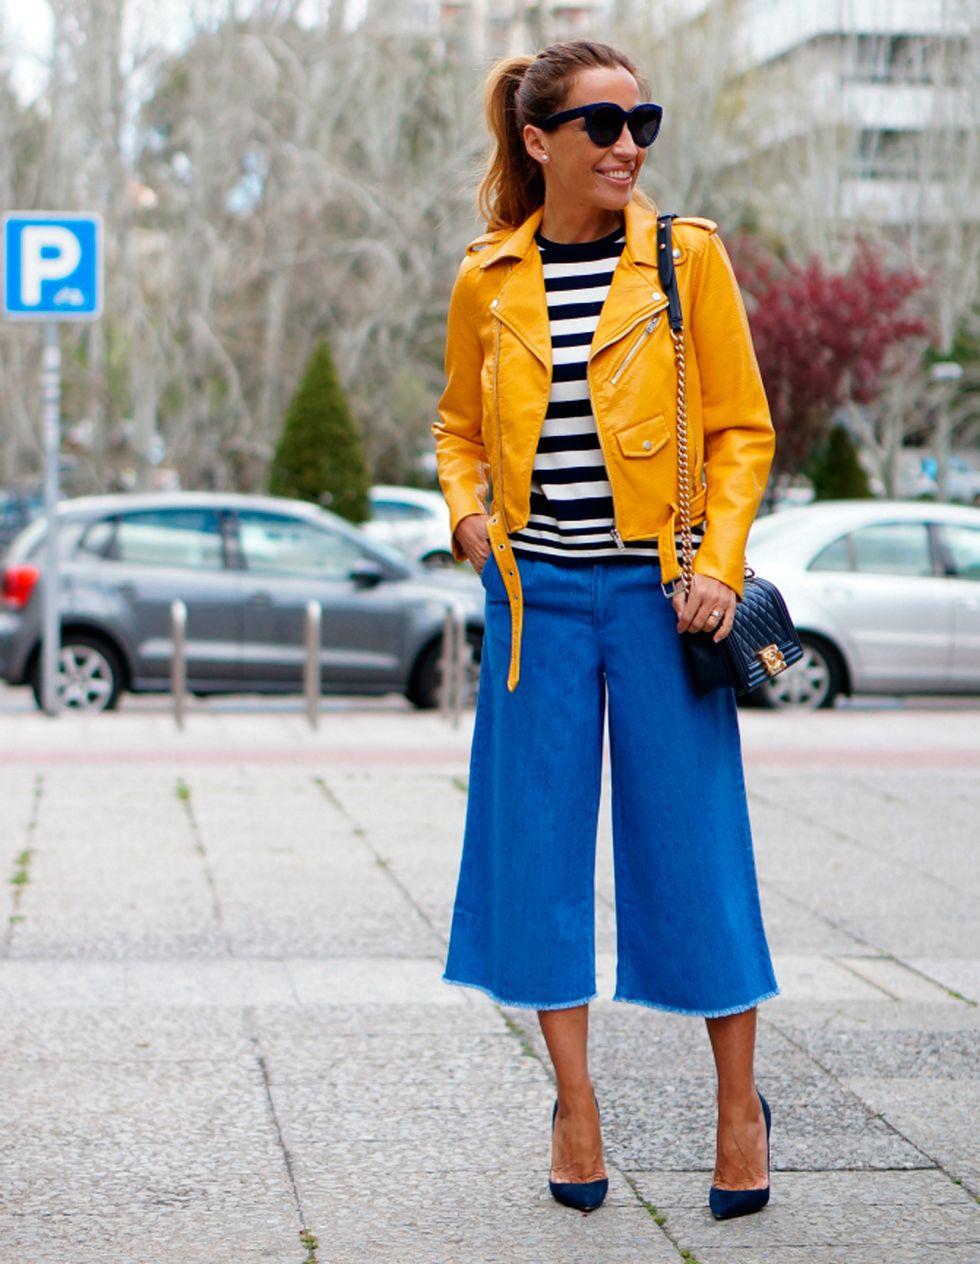 chica con pantalón culotte vaquero, camiseta a rayas y biker amarilla